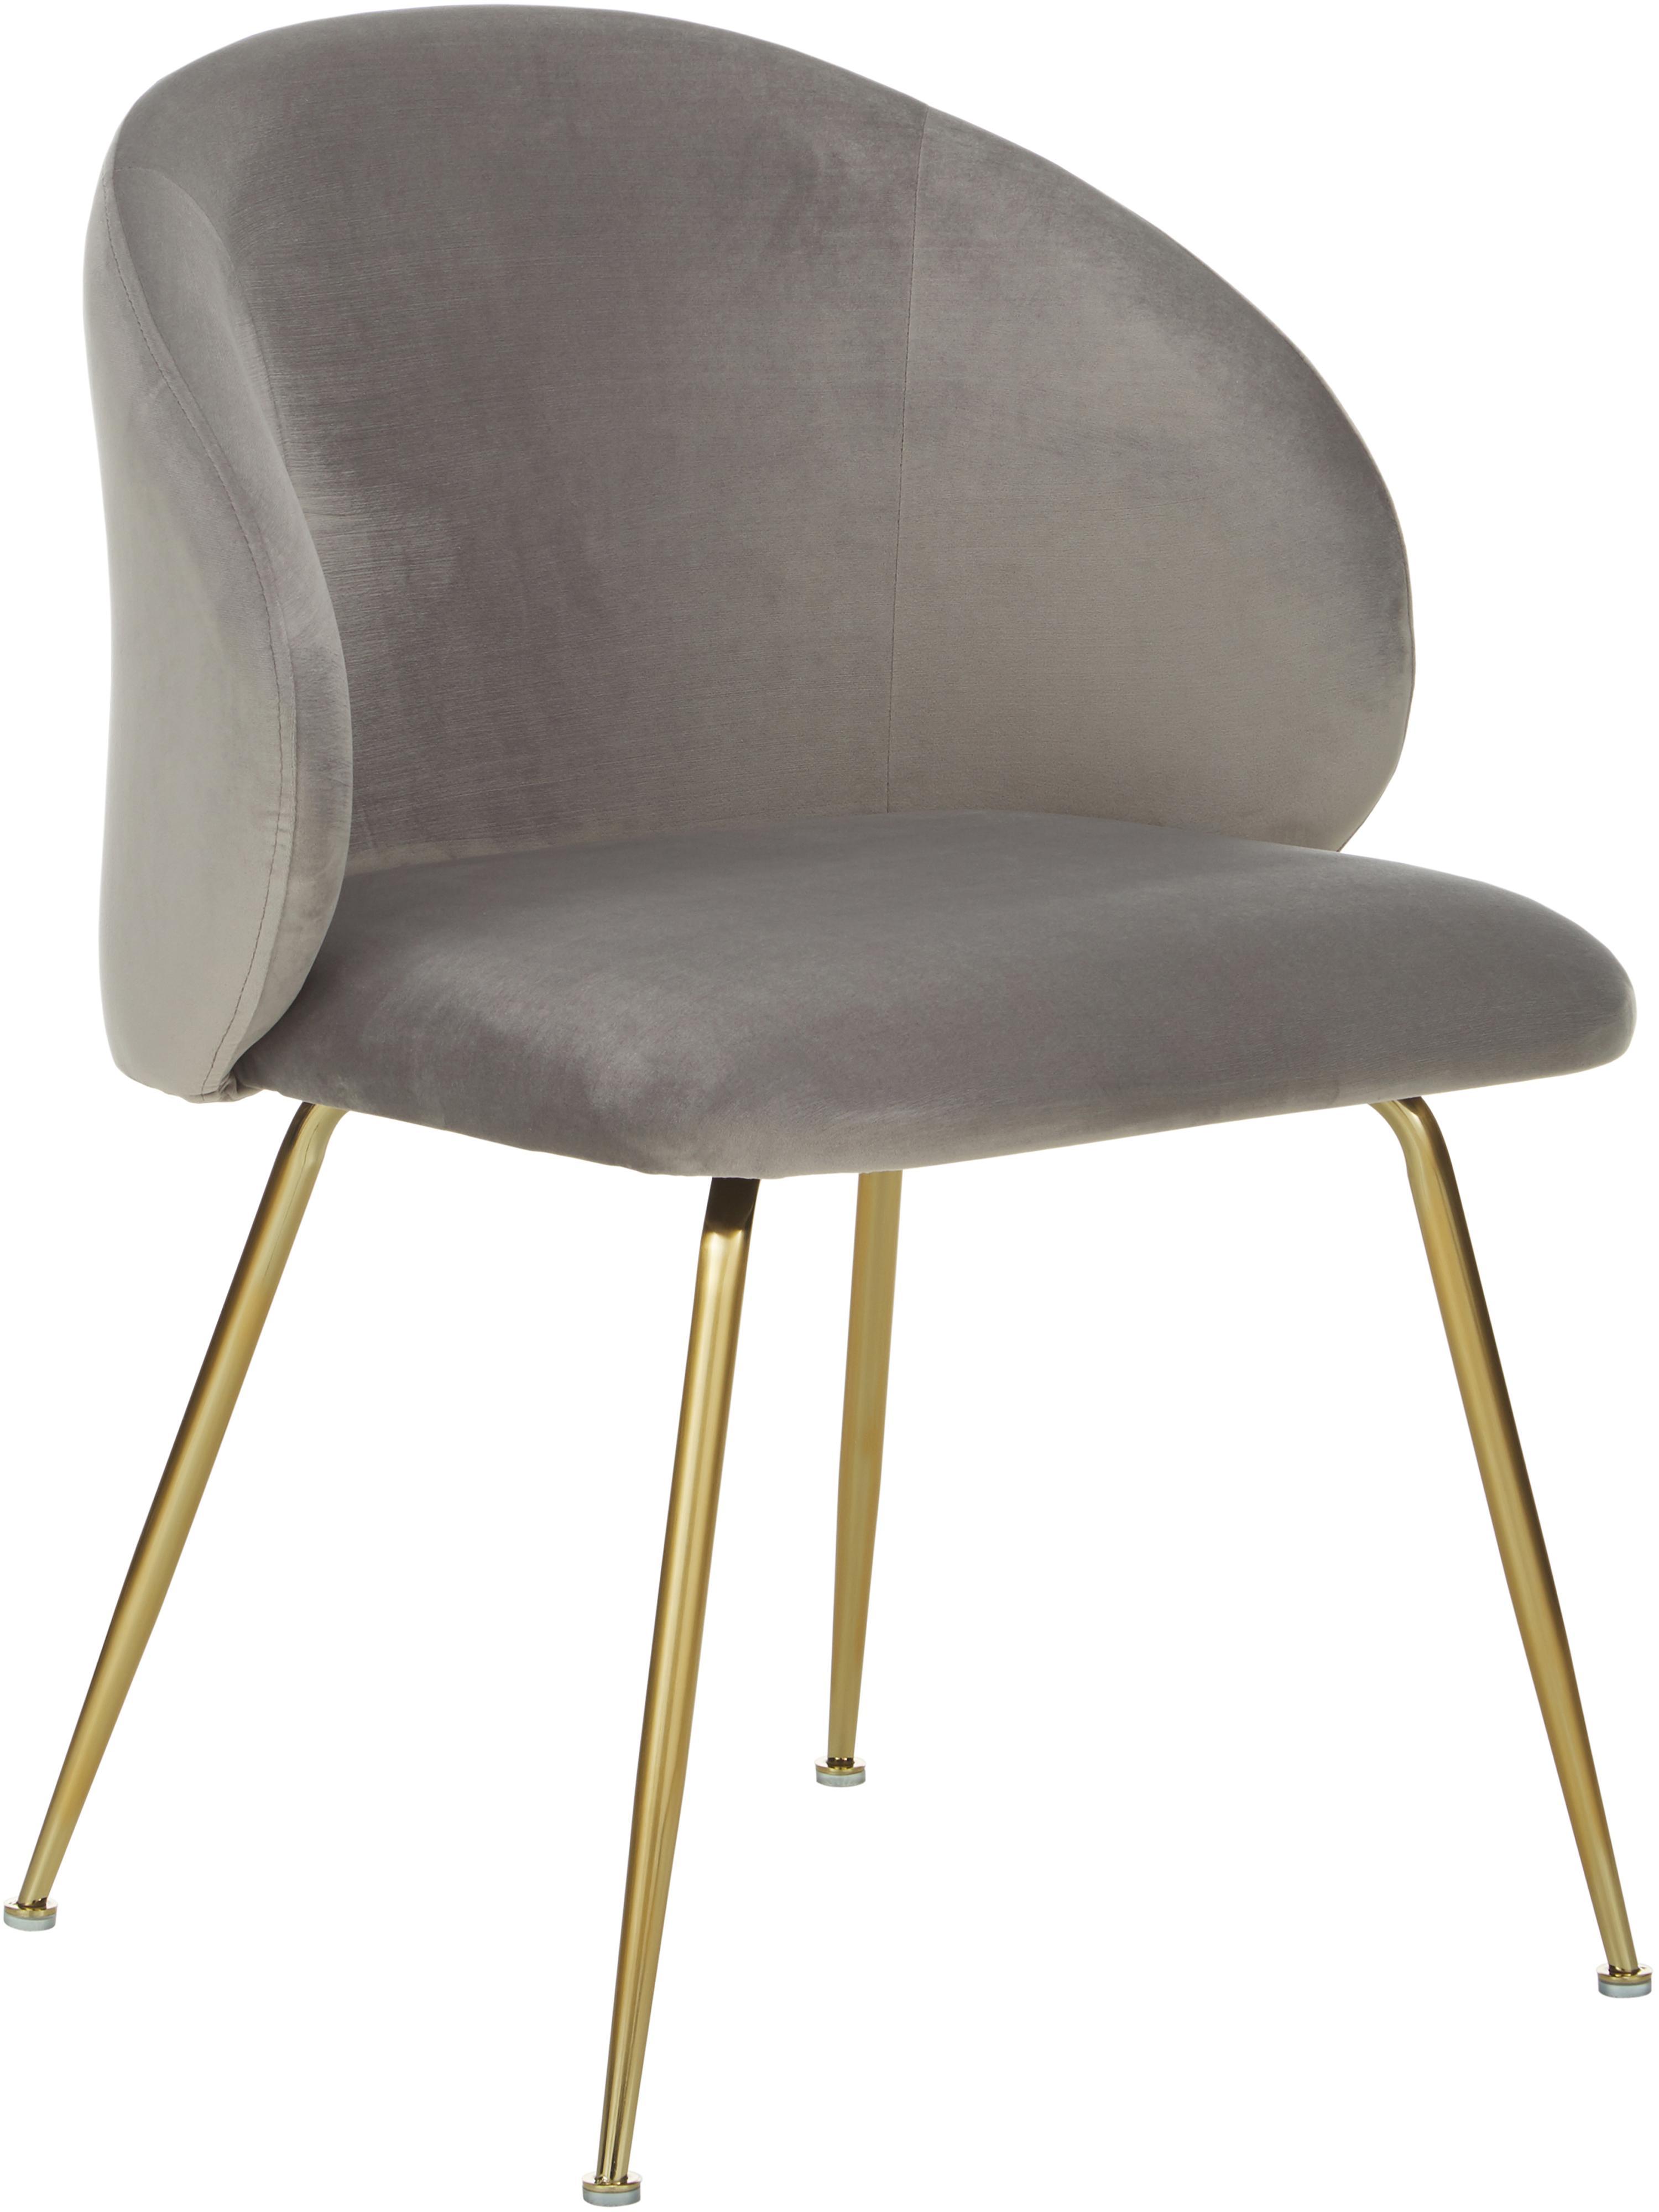 Fluwelen stoelen Luisa, 2 stuks, Bekleding: fluweel (100% polyester), Poten: gelakt metaal, Fluweel lichtgrijs, goudkleurig, B 61 x D 58 cm